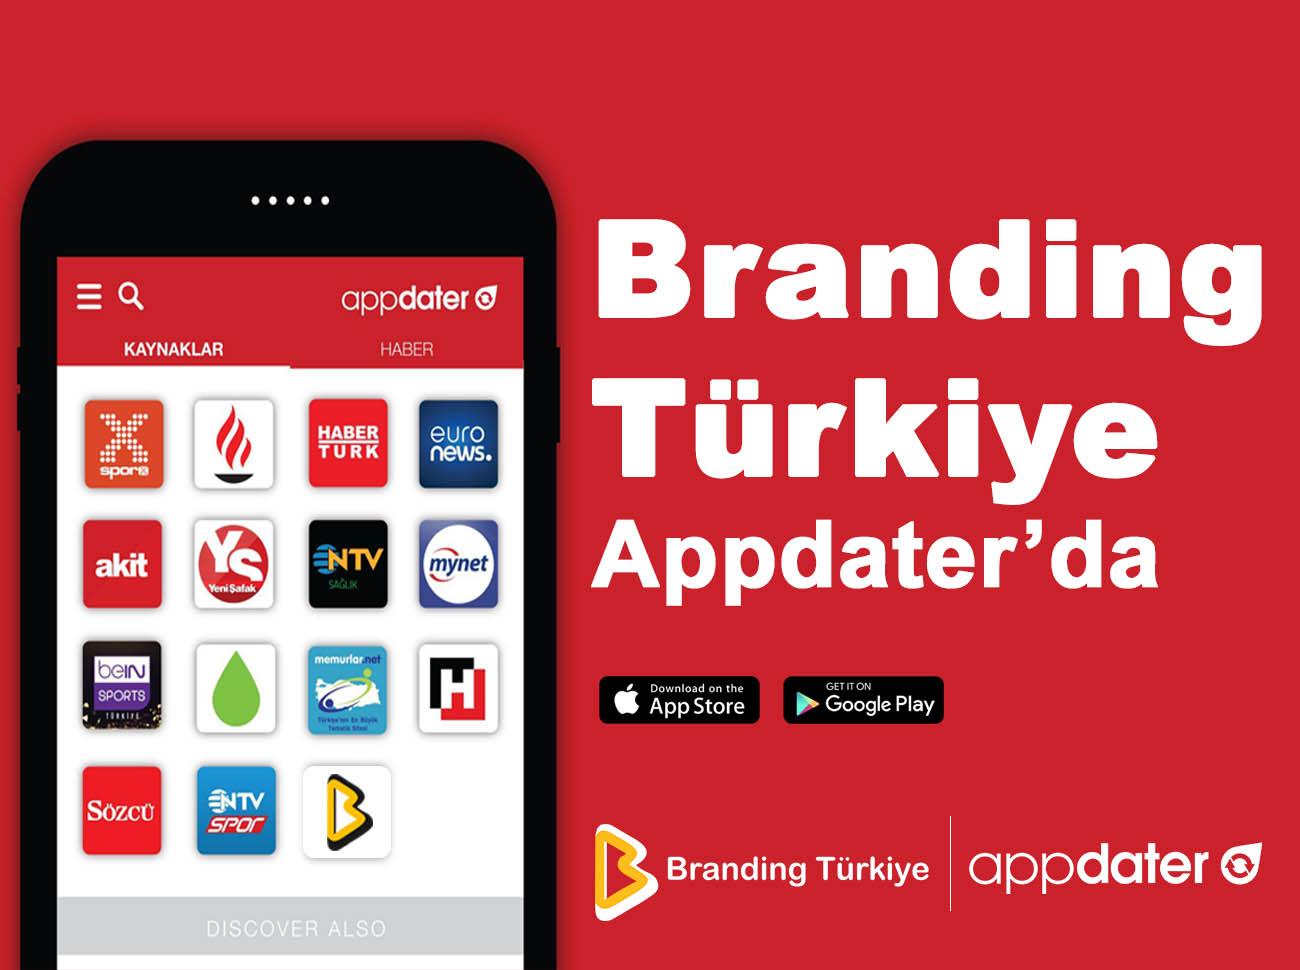 Branding Türkiye Appdater